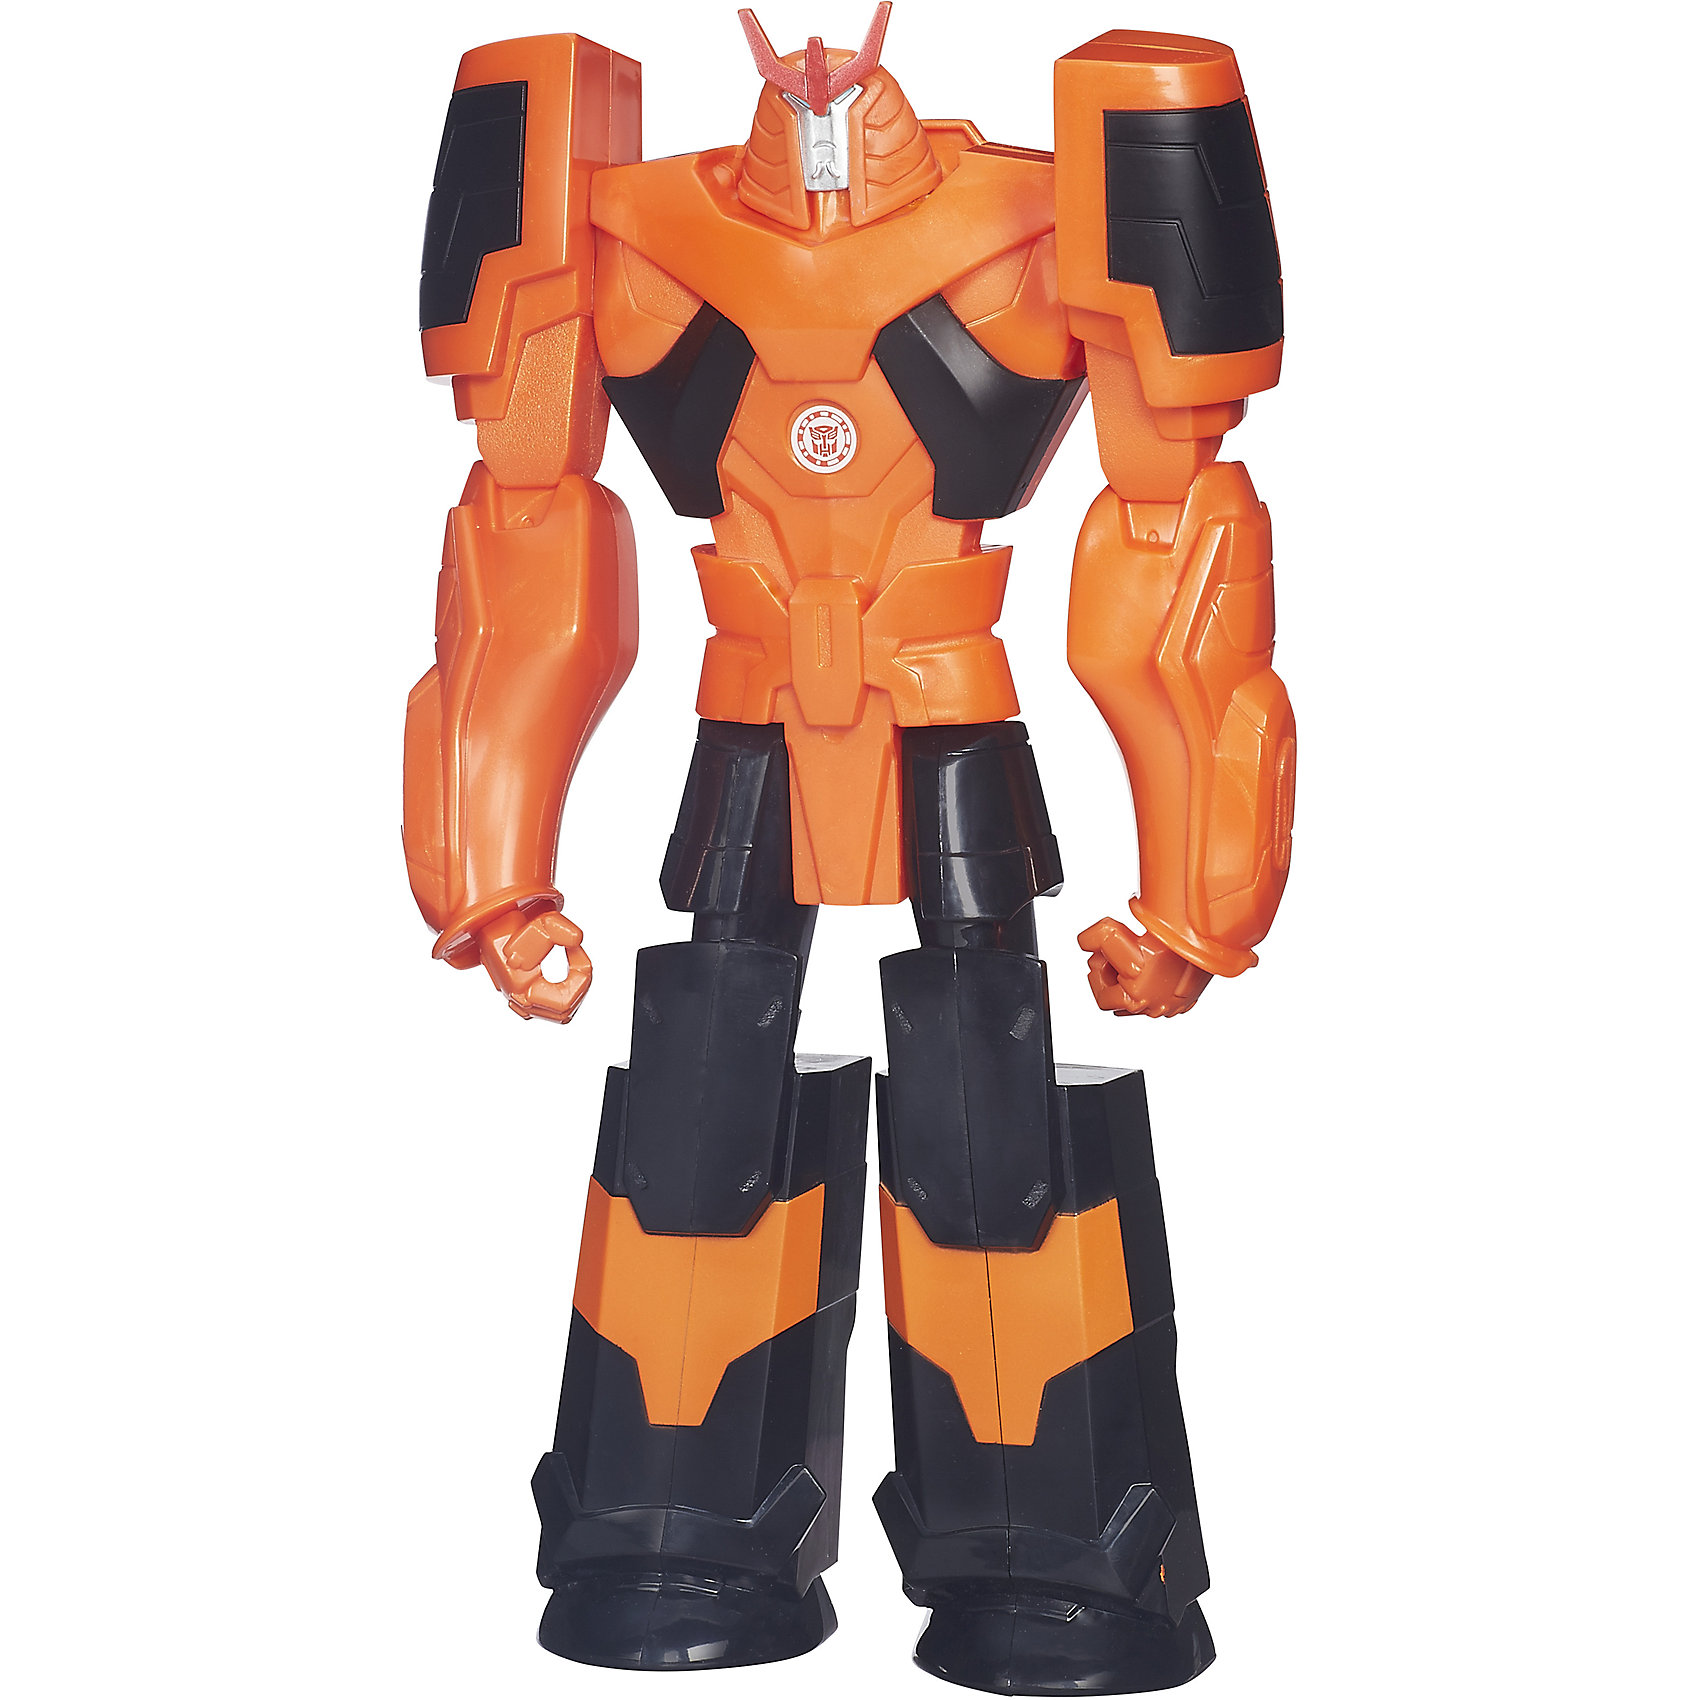 Титан: Роботы под прикрытием, 30 см, Трансформеры, B0760/B4678Титанs: Роботы под прикрытием, 30 см, Трансформеры, B0760/B4678.<br><br>Характеристики:<br><br>- В наборе: 1 трансформер<br>- Высота фигурки: 30 см.<br>- Материал: высококачественный пластик<br>- Размер упаковки: 17,5х5х30,5 см.<br><br>Робот-трансформер Дрифт от Hasbro (Хасбро) выполнен по мотивам популярного мультфильма «Роботы под прикрытием». Это очень качественная, тщательно детализированная коллекционная фигурка, которая и с точностью копирует персонажа мультфильма. У робота подвижны руки и ноги. Дрифт не трансформируется в машинку, его главная особенность заключается в том, что на груди робота расположен QR-код. Отсканировав код, вы получите множество дополнительных функций и вариантов игры в бесплатном приложении Hasbro Robots in Disguise для смартфонов и планшетов. Игрушка выполнена из высококачественного пластика и покрыта красками на водной основе. С такой замечательной фигуркой ваш ребенок будет увлеченно играть, придумывая новые истории, совершая невероятные миссии, попадая в захватывающие приключения!<br><br>Фигурку Титан: Роботы под прикрытием, 30 см, Трансформеры, B0760/B4678 можно купить в нашем интернет-магазине.<br><br>Ширина мм: 49<br>Глубина мм: 172<br>Высота мм: 800<br>Вес г: 424<br>Возраст от месяцев: 48<br>Возраст до месяцев: 144<br>Пол: Мужской<br>Возраст: Детский<br>SKU: 5064674